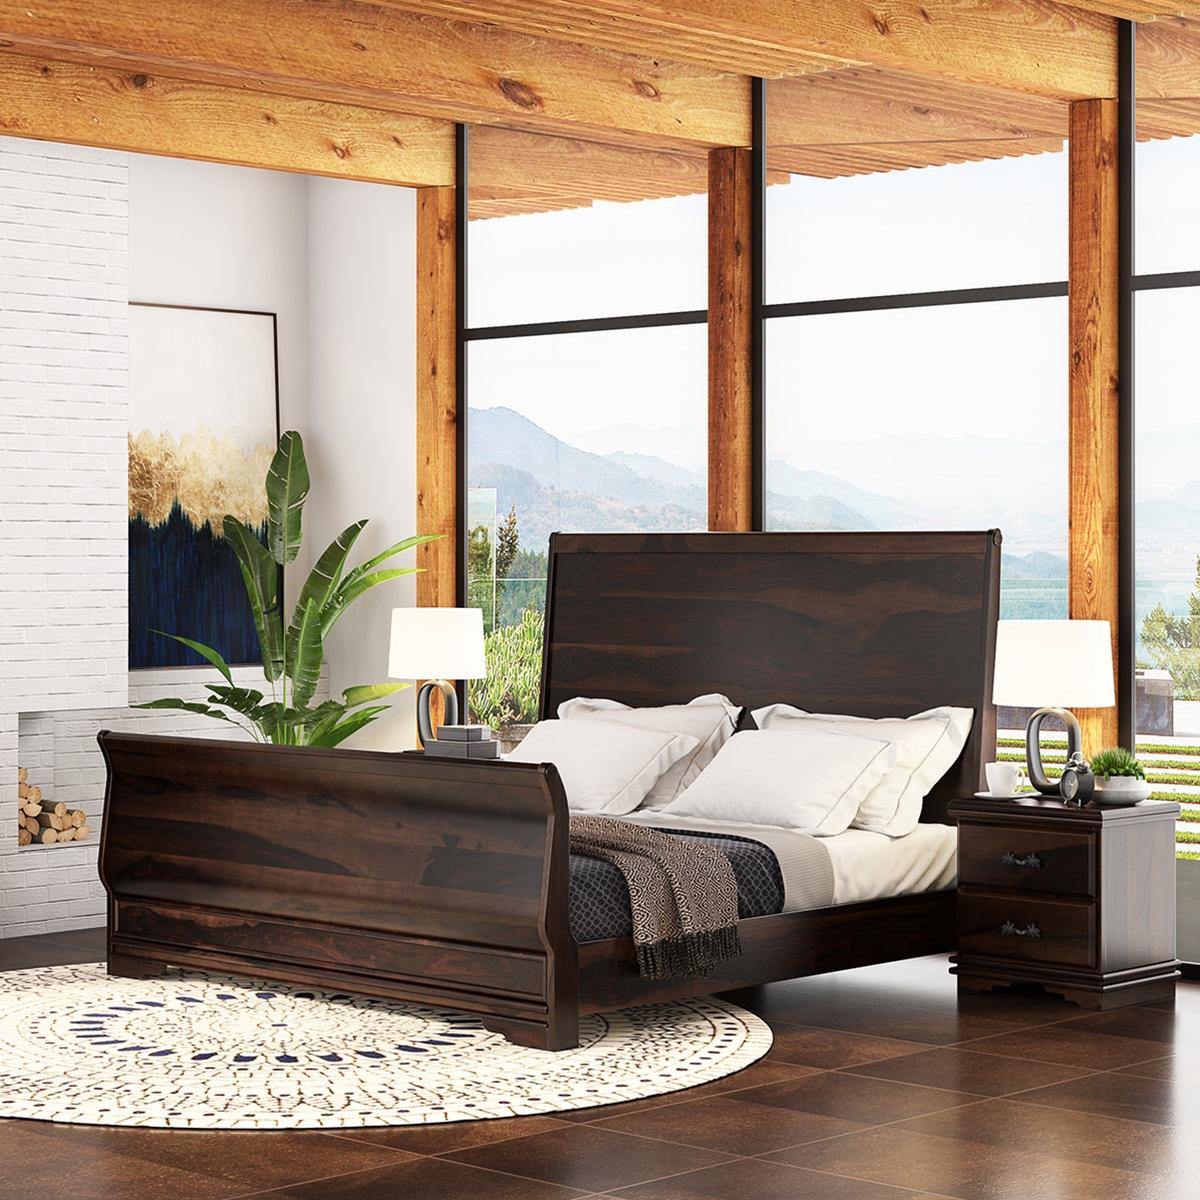 Sleigh Back California King Size Platform Bed Frame